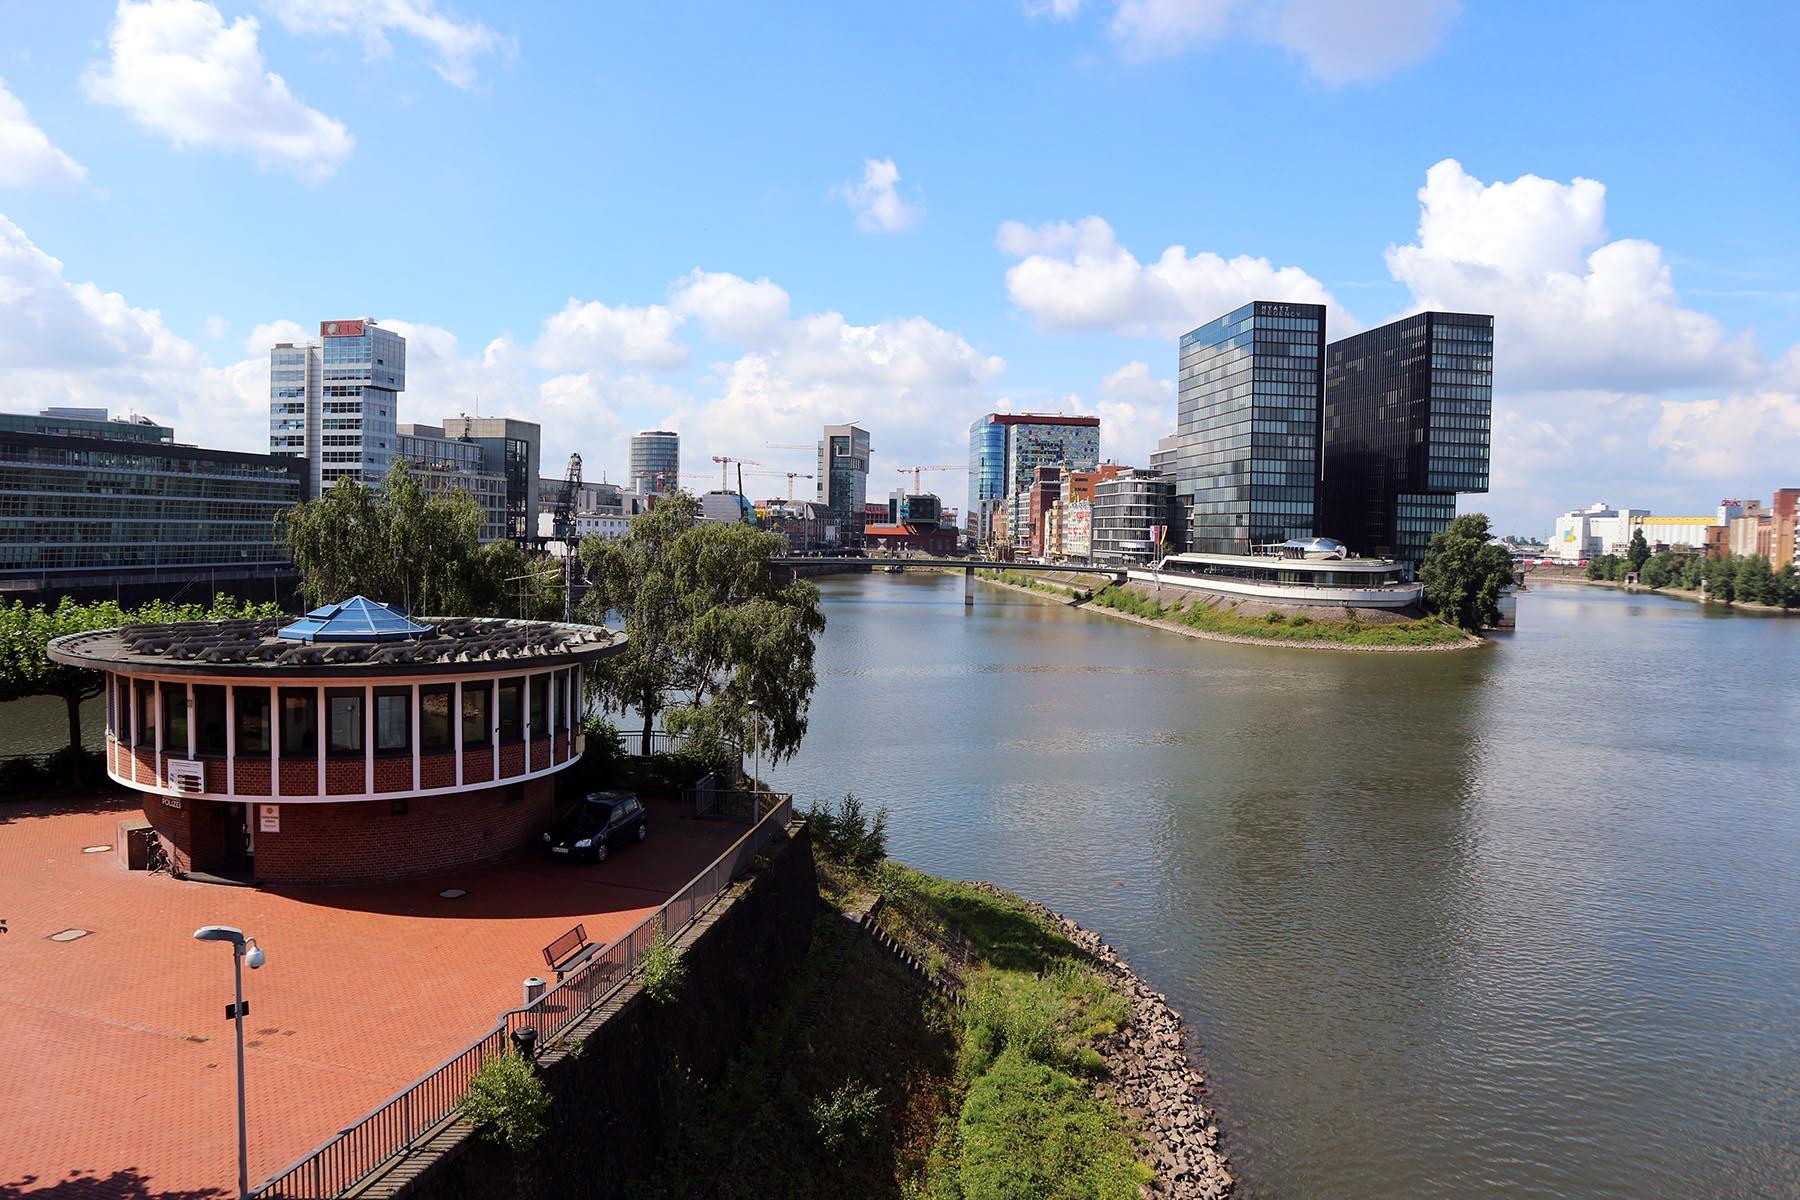 Medienhafen Düsseldorf. Die Umstrukturierung des Areals gilt als gelungenes Beispiel für die Umgestaltung alter Industrie- und Gewerbeflächen. Der Dienstleistungsstandort hat sich mit mehr als 800 Unternehmen und Institutionen mit über 8.000 Beschäftigten etabliert.